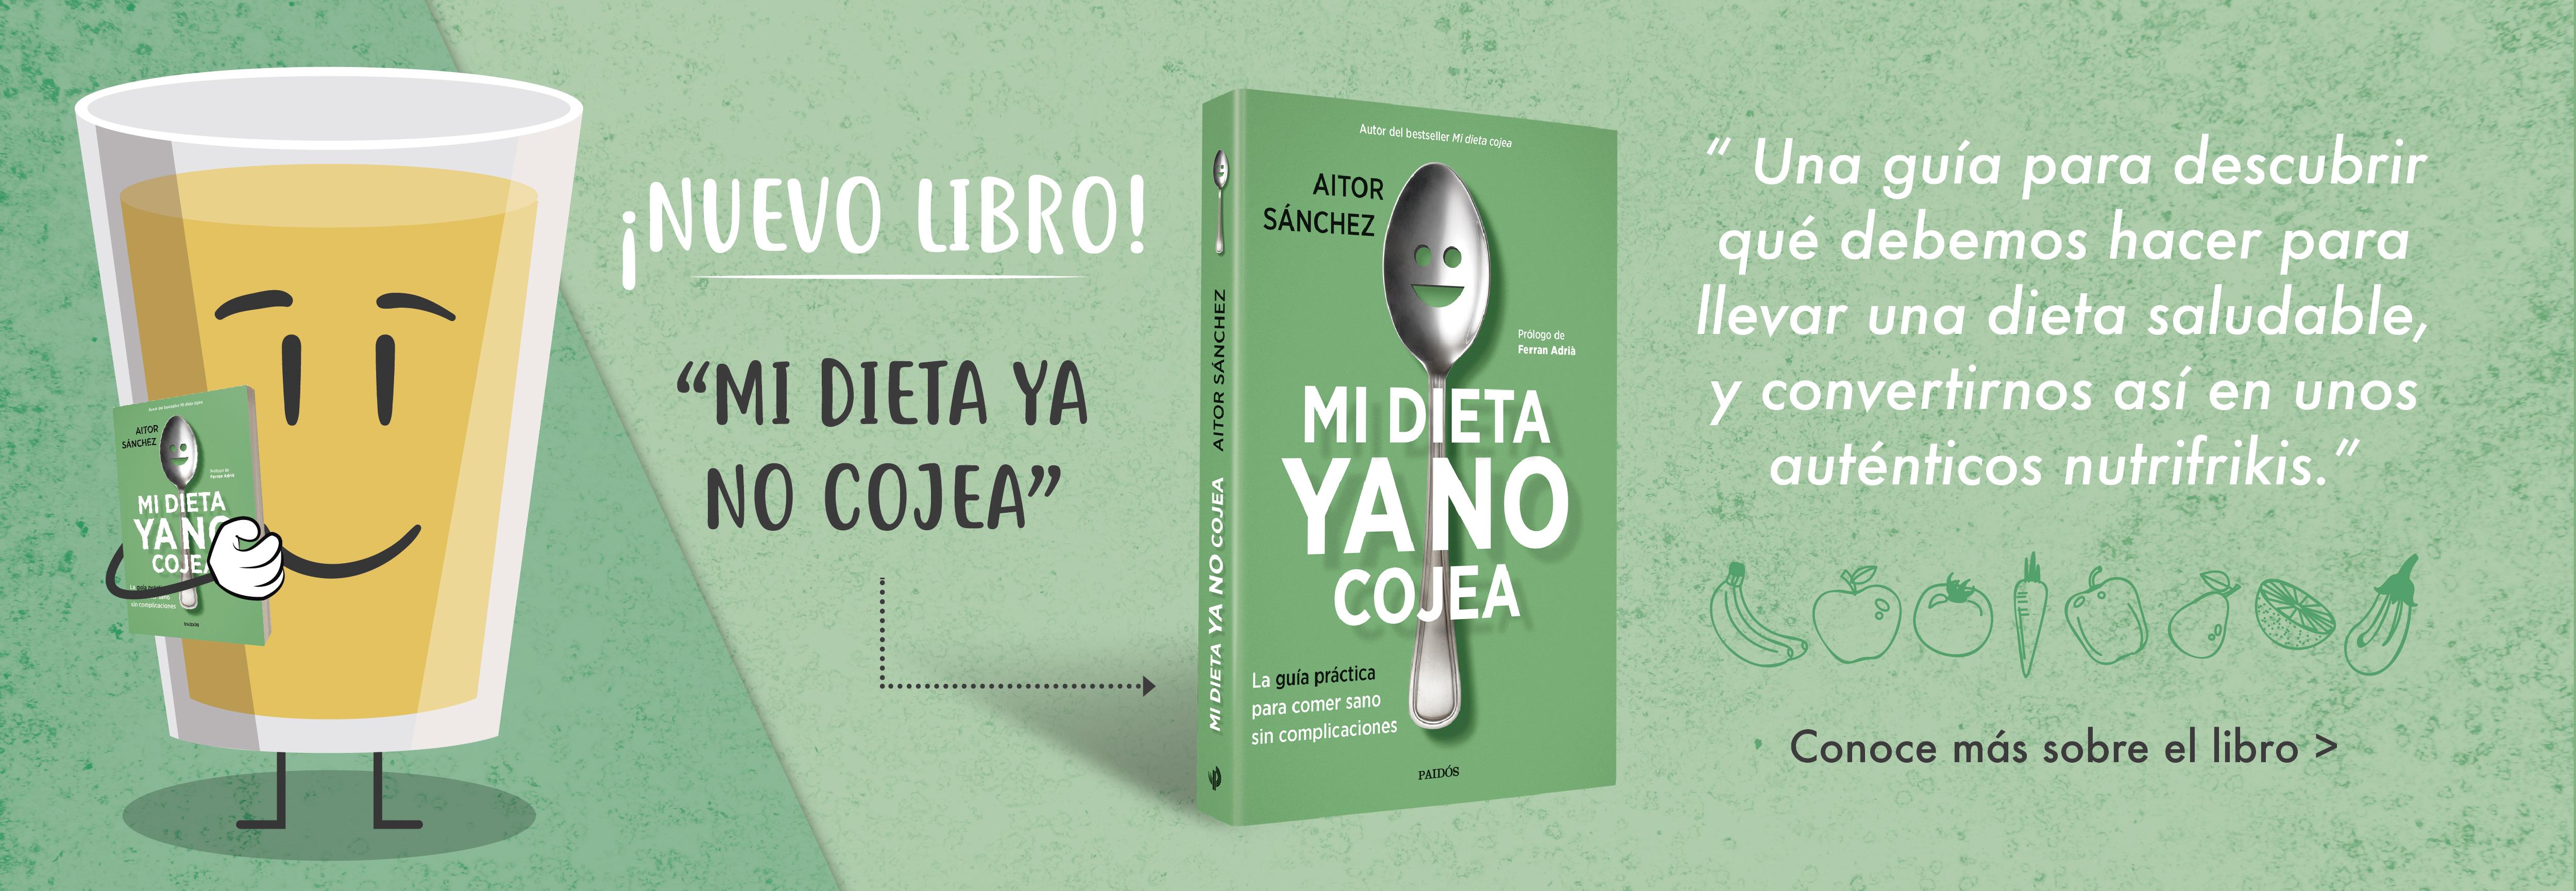 nuevo libro mi dieta cojea